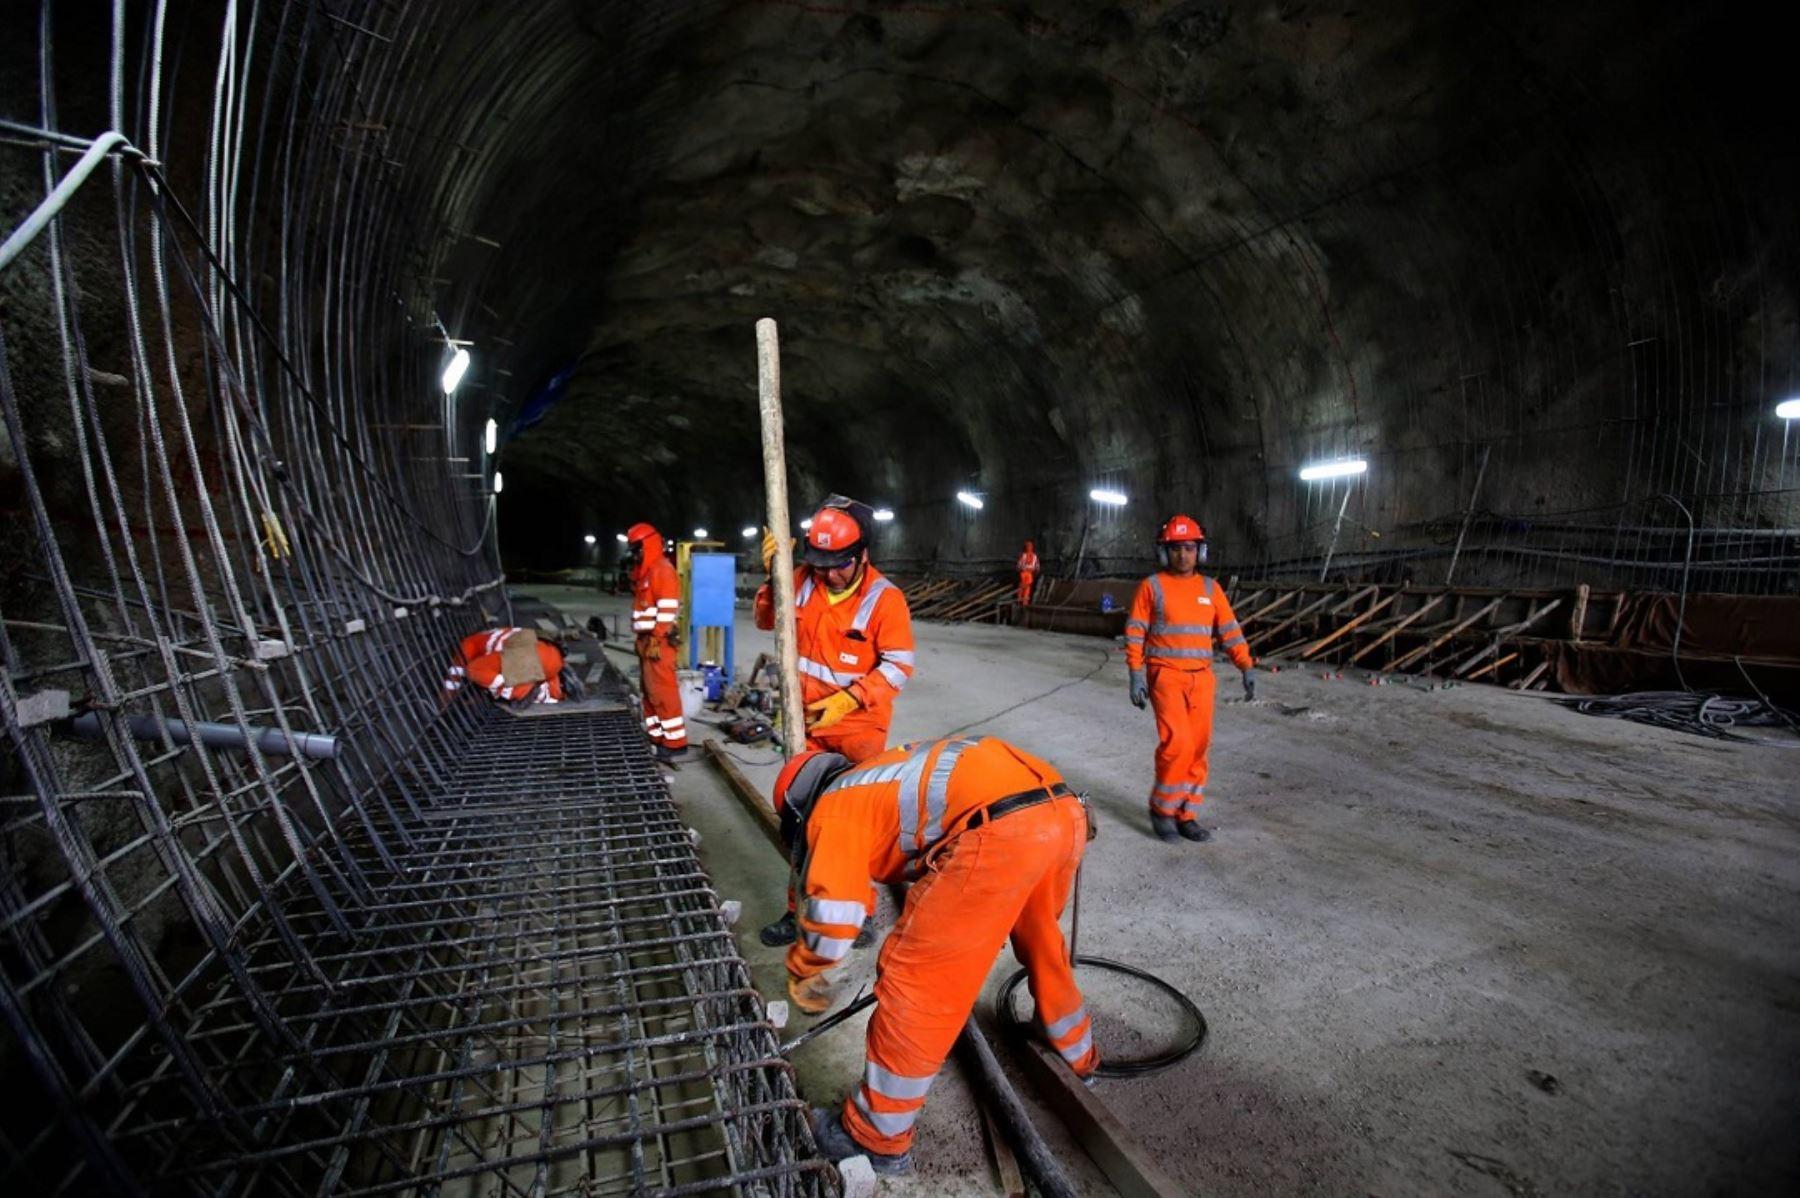 Construcción de túneles Santa Rosa y San Martín, que unirán distritos del Rímac y San Juan de Lurigancho.